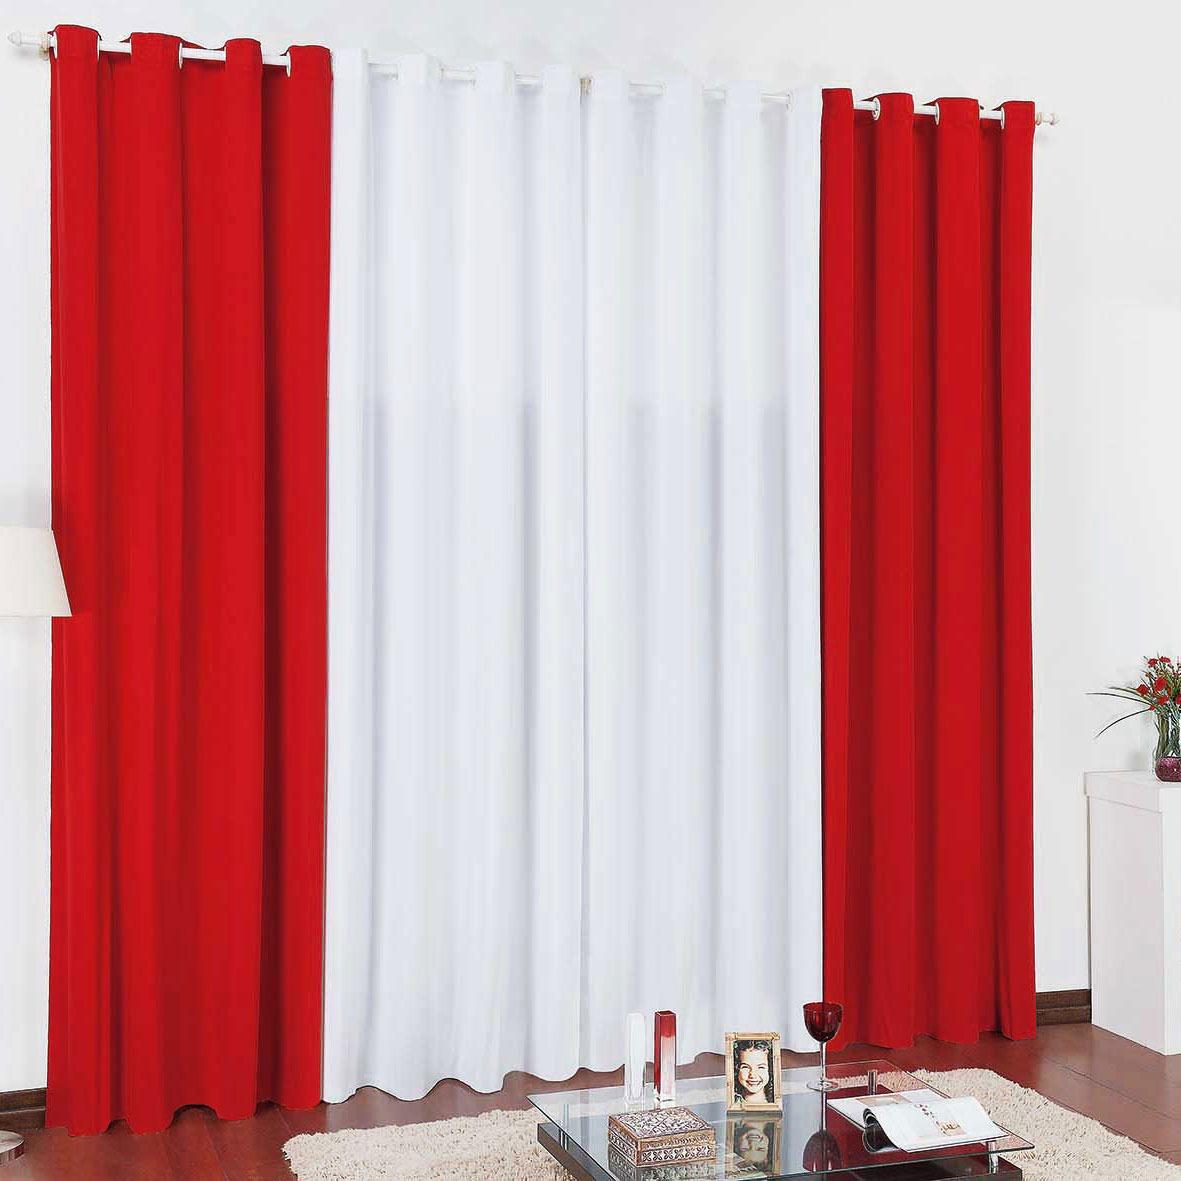 Cortina Para Var O Branca Com Vermelho Tamanho 2 80 X 2 50 R 79  -> Cortinas Para Sala Azul